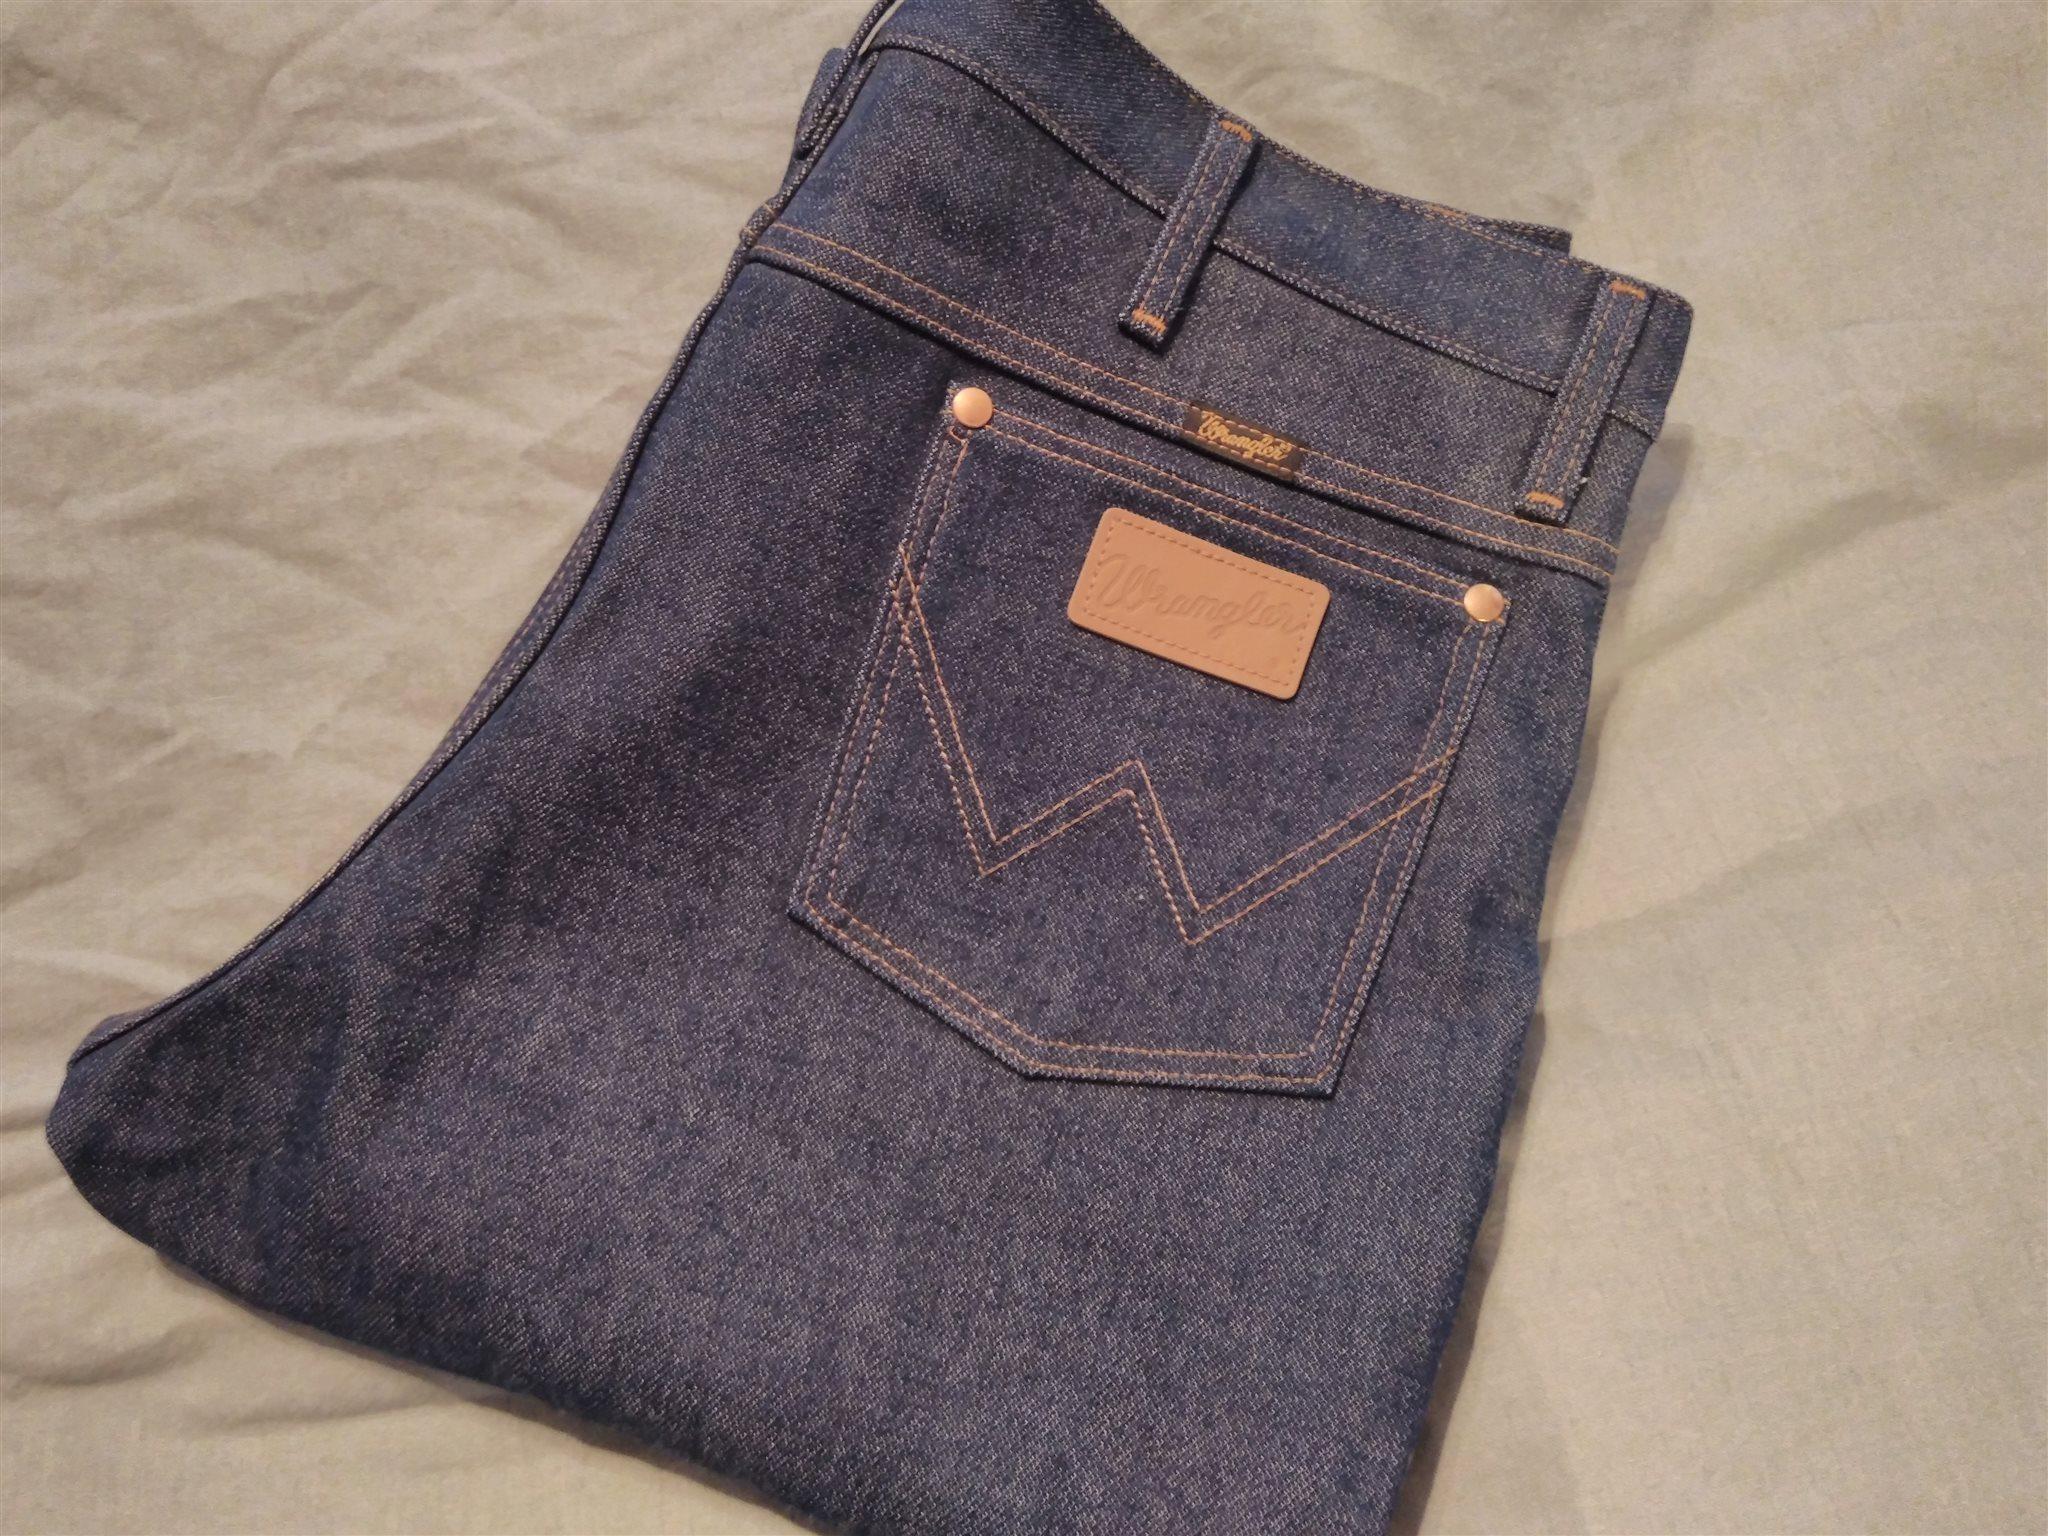 172d4520 Wrangler Jeans 935 DEN Cowboy cut 36x30 (331564678) ᐈ Köp på Tradera